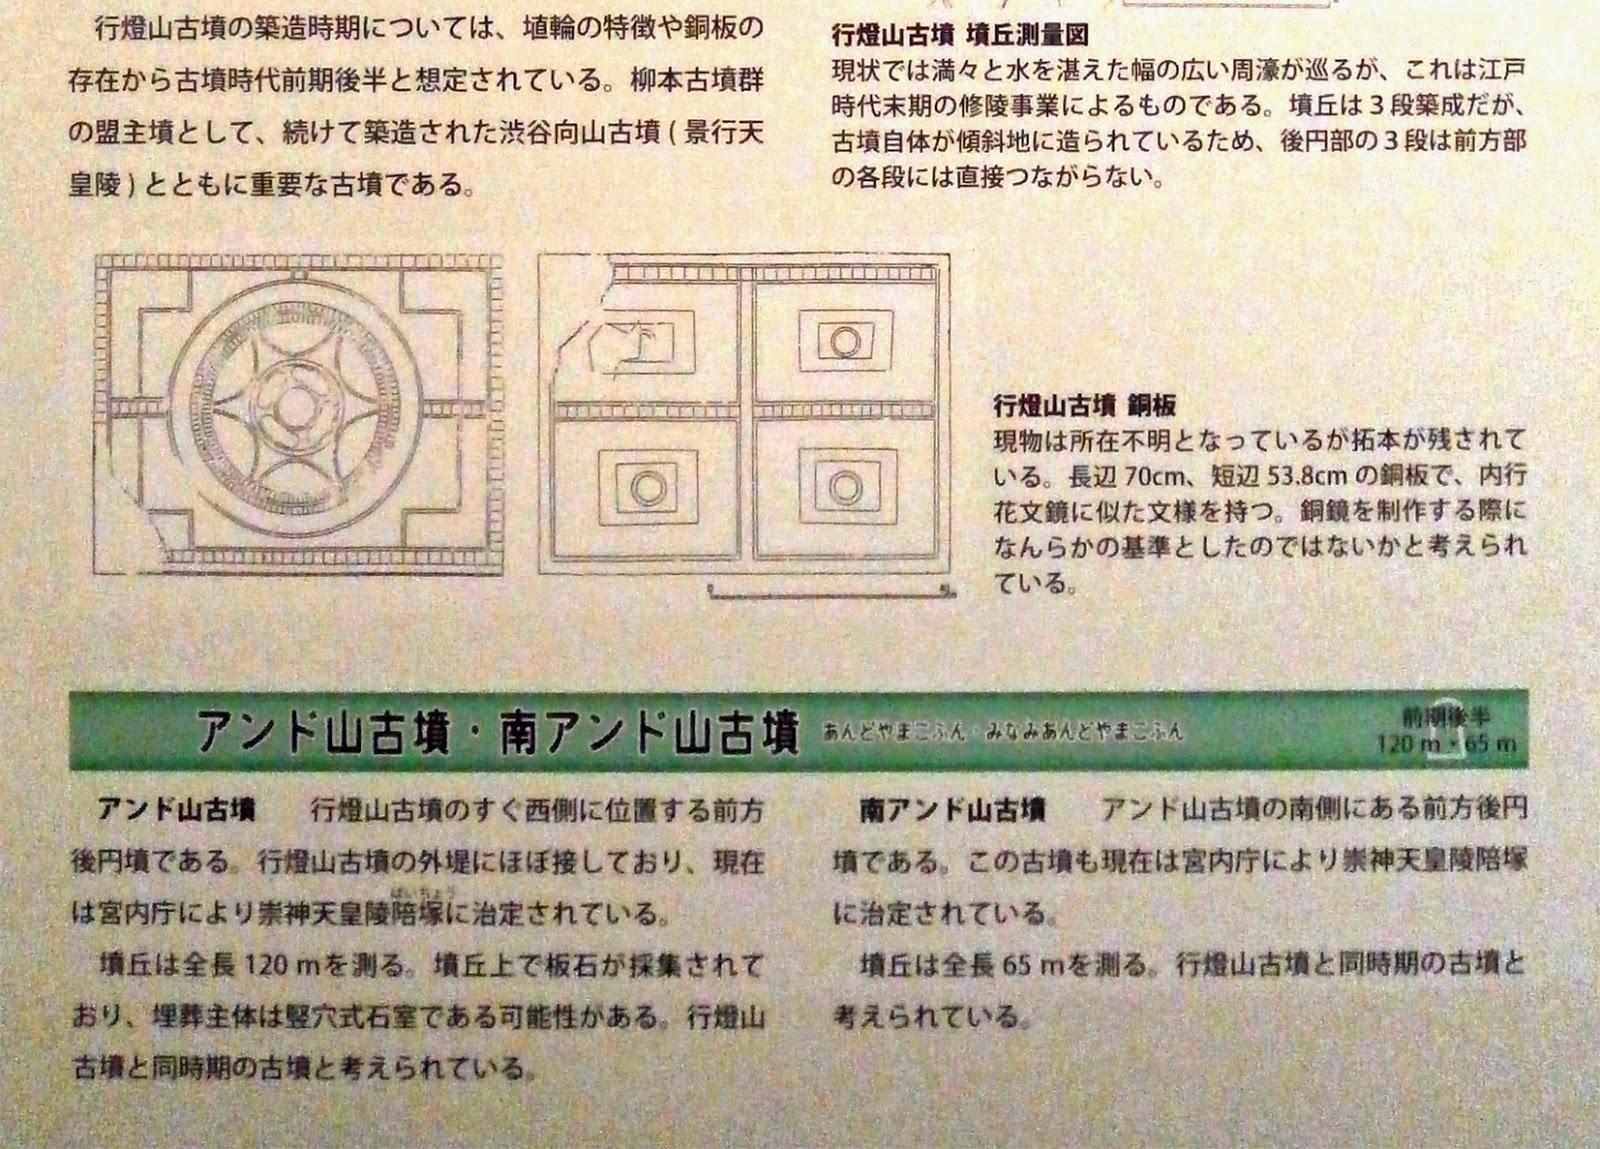 akira: 行燈山古墳(あんどんやま...